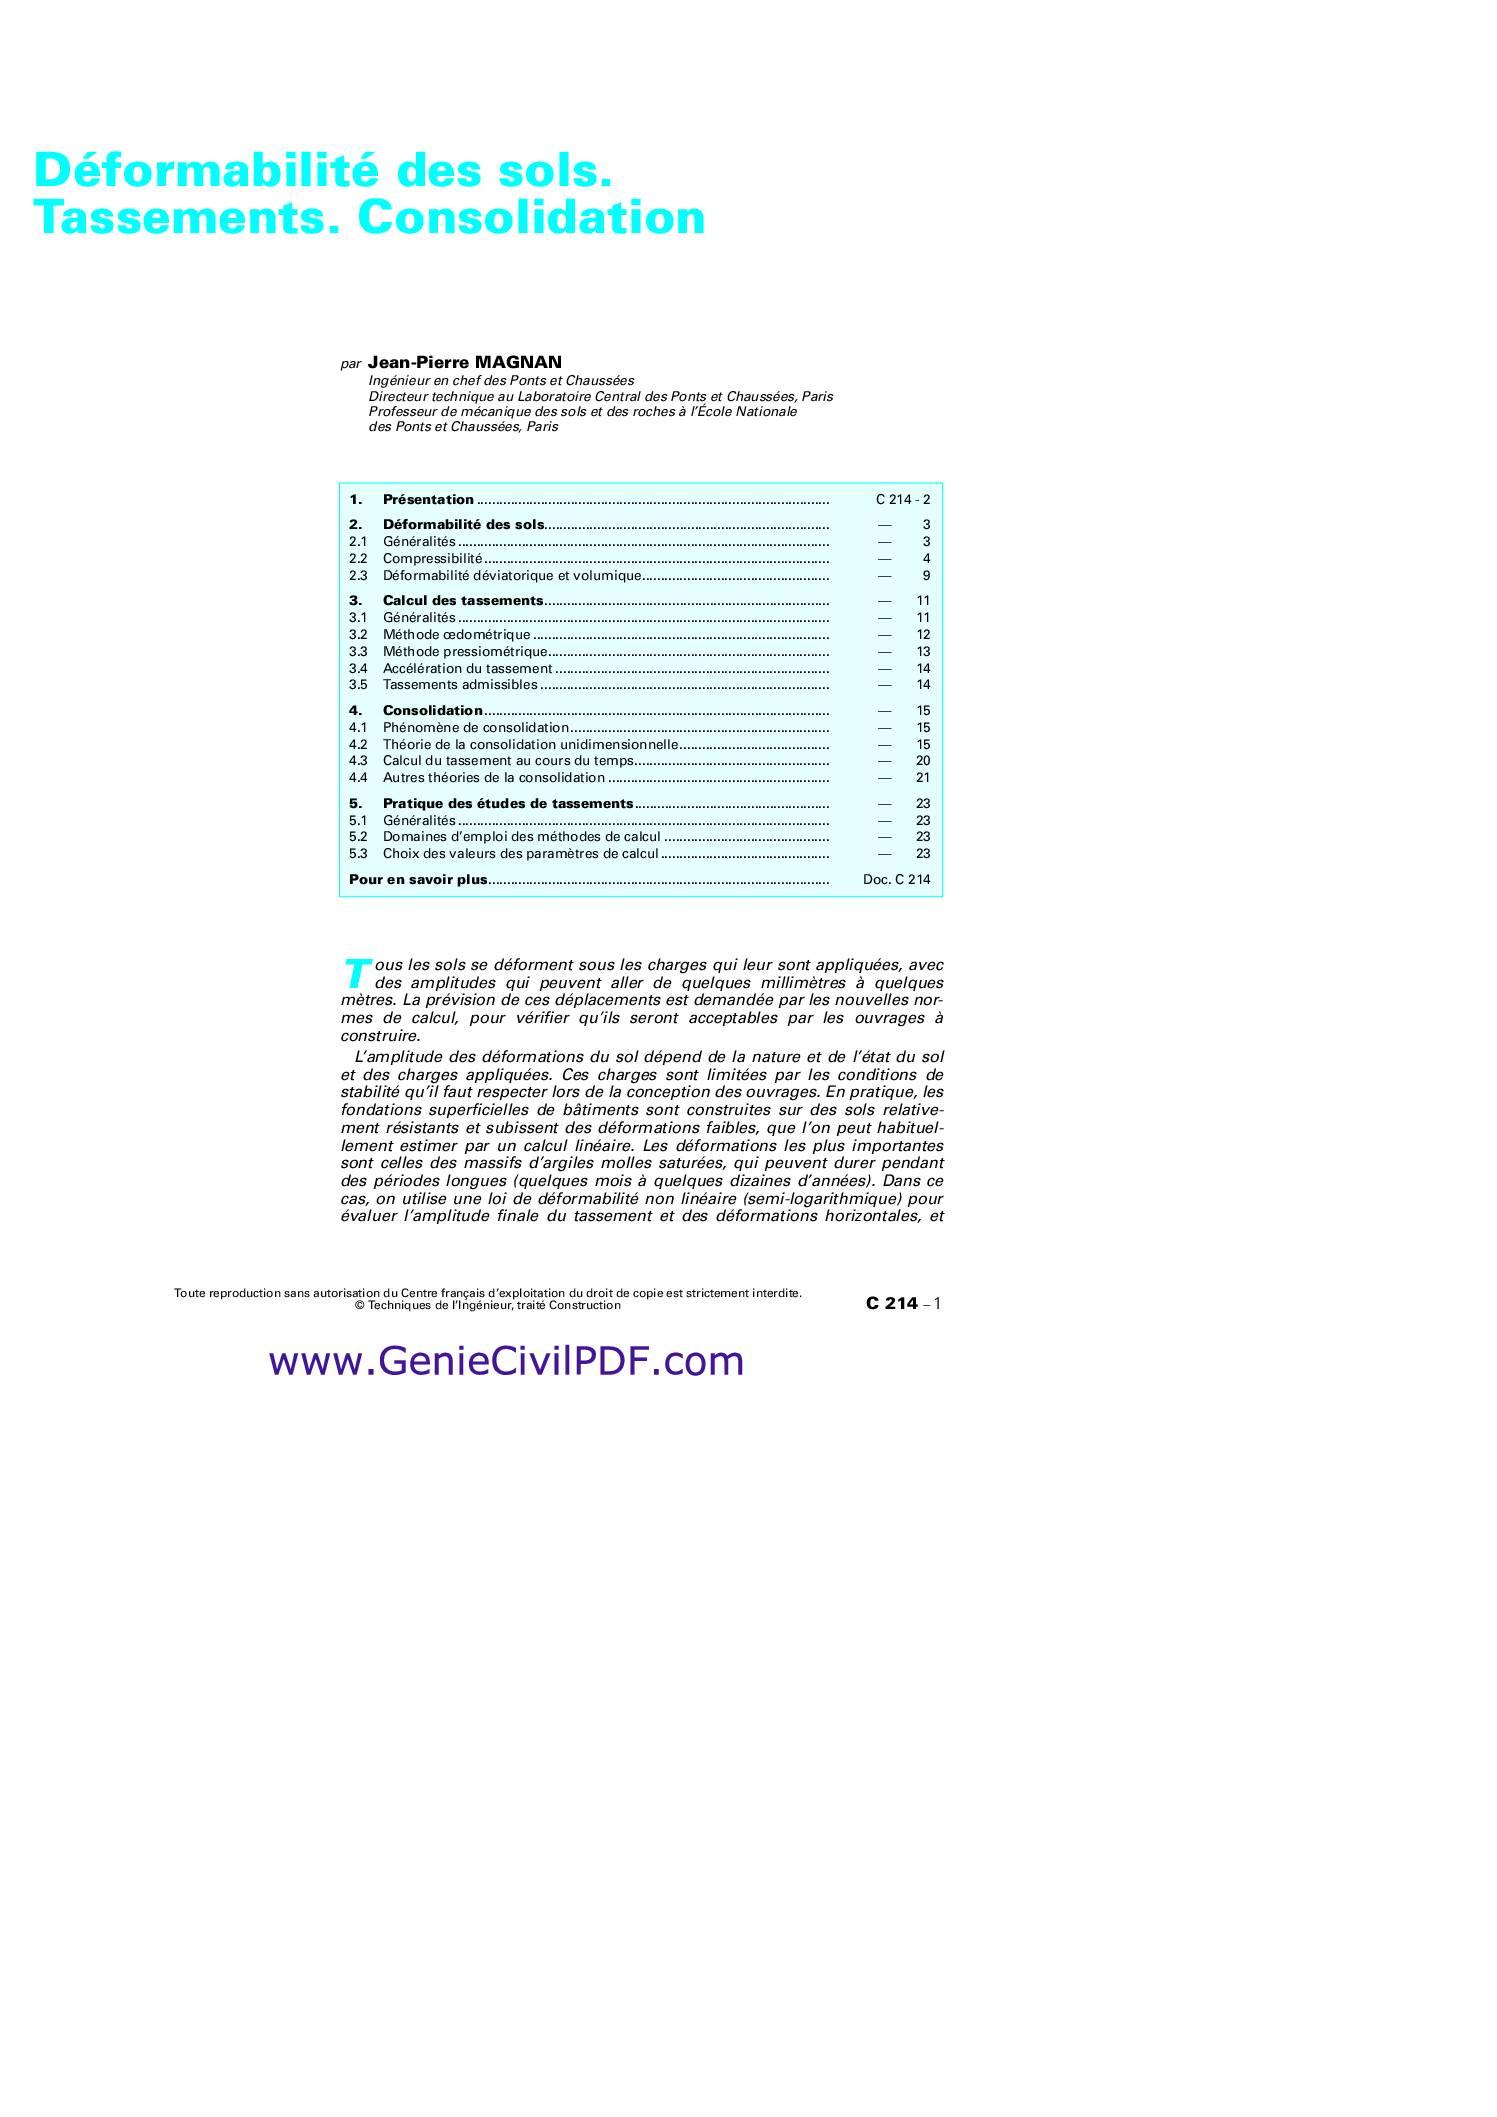 Déformabilité des sols. Tassements. Consolidation